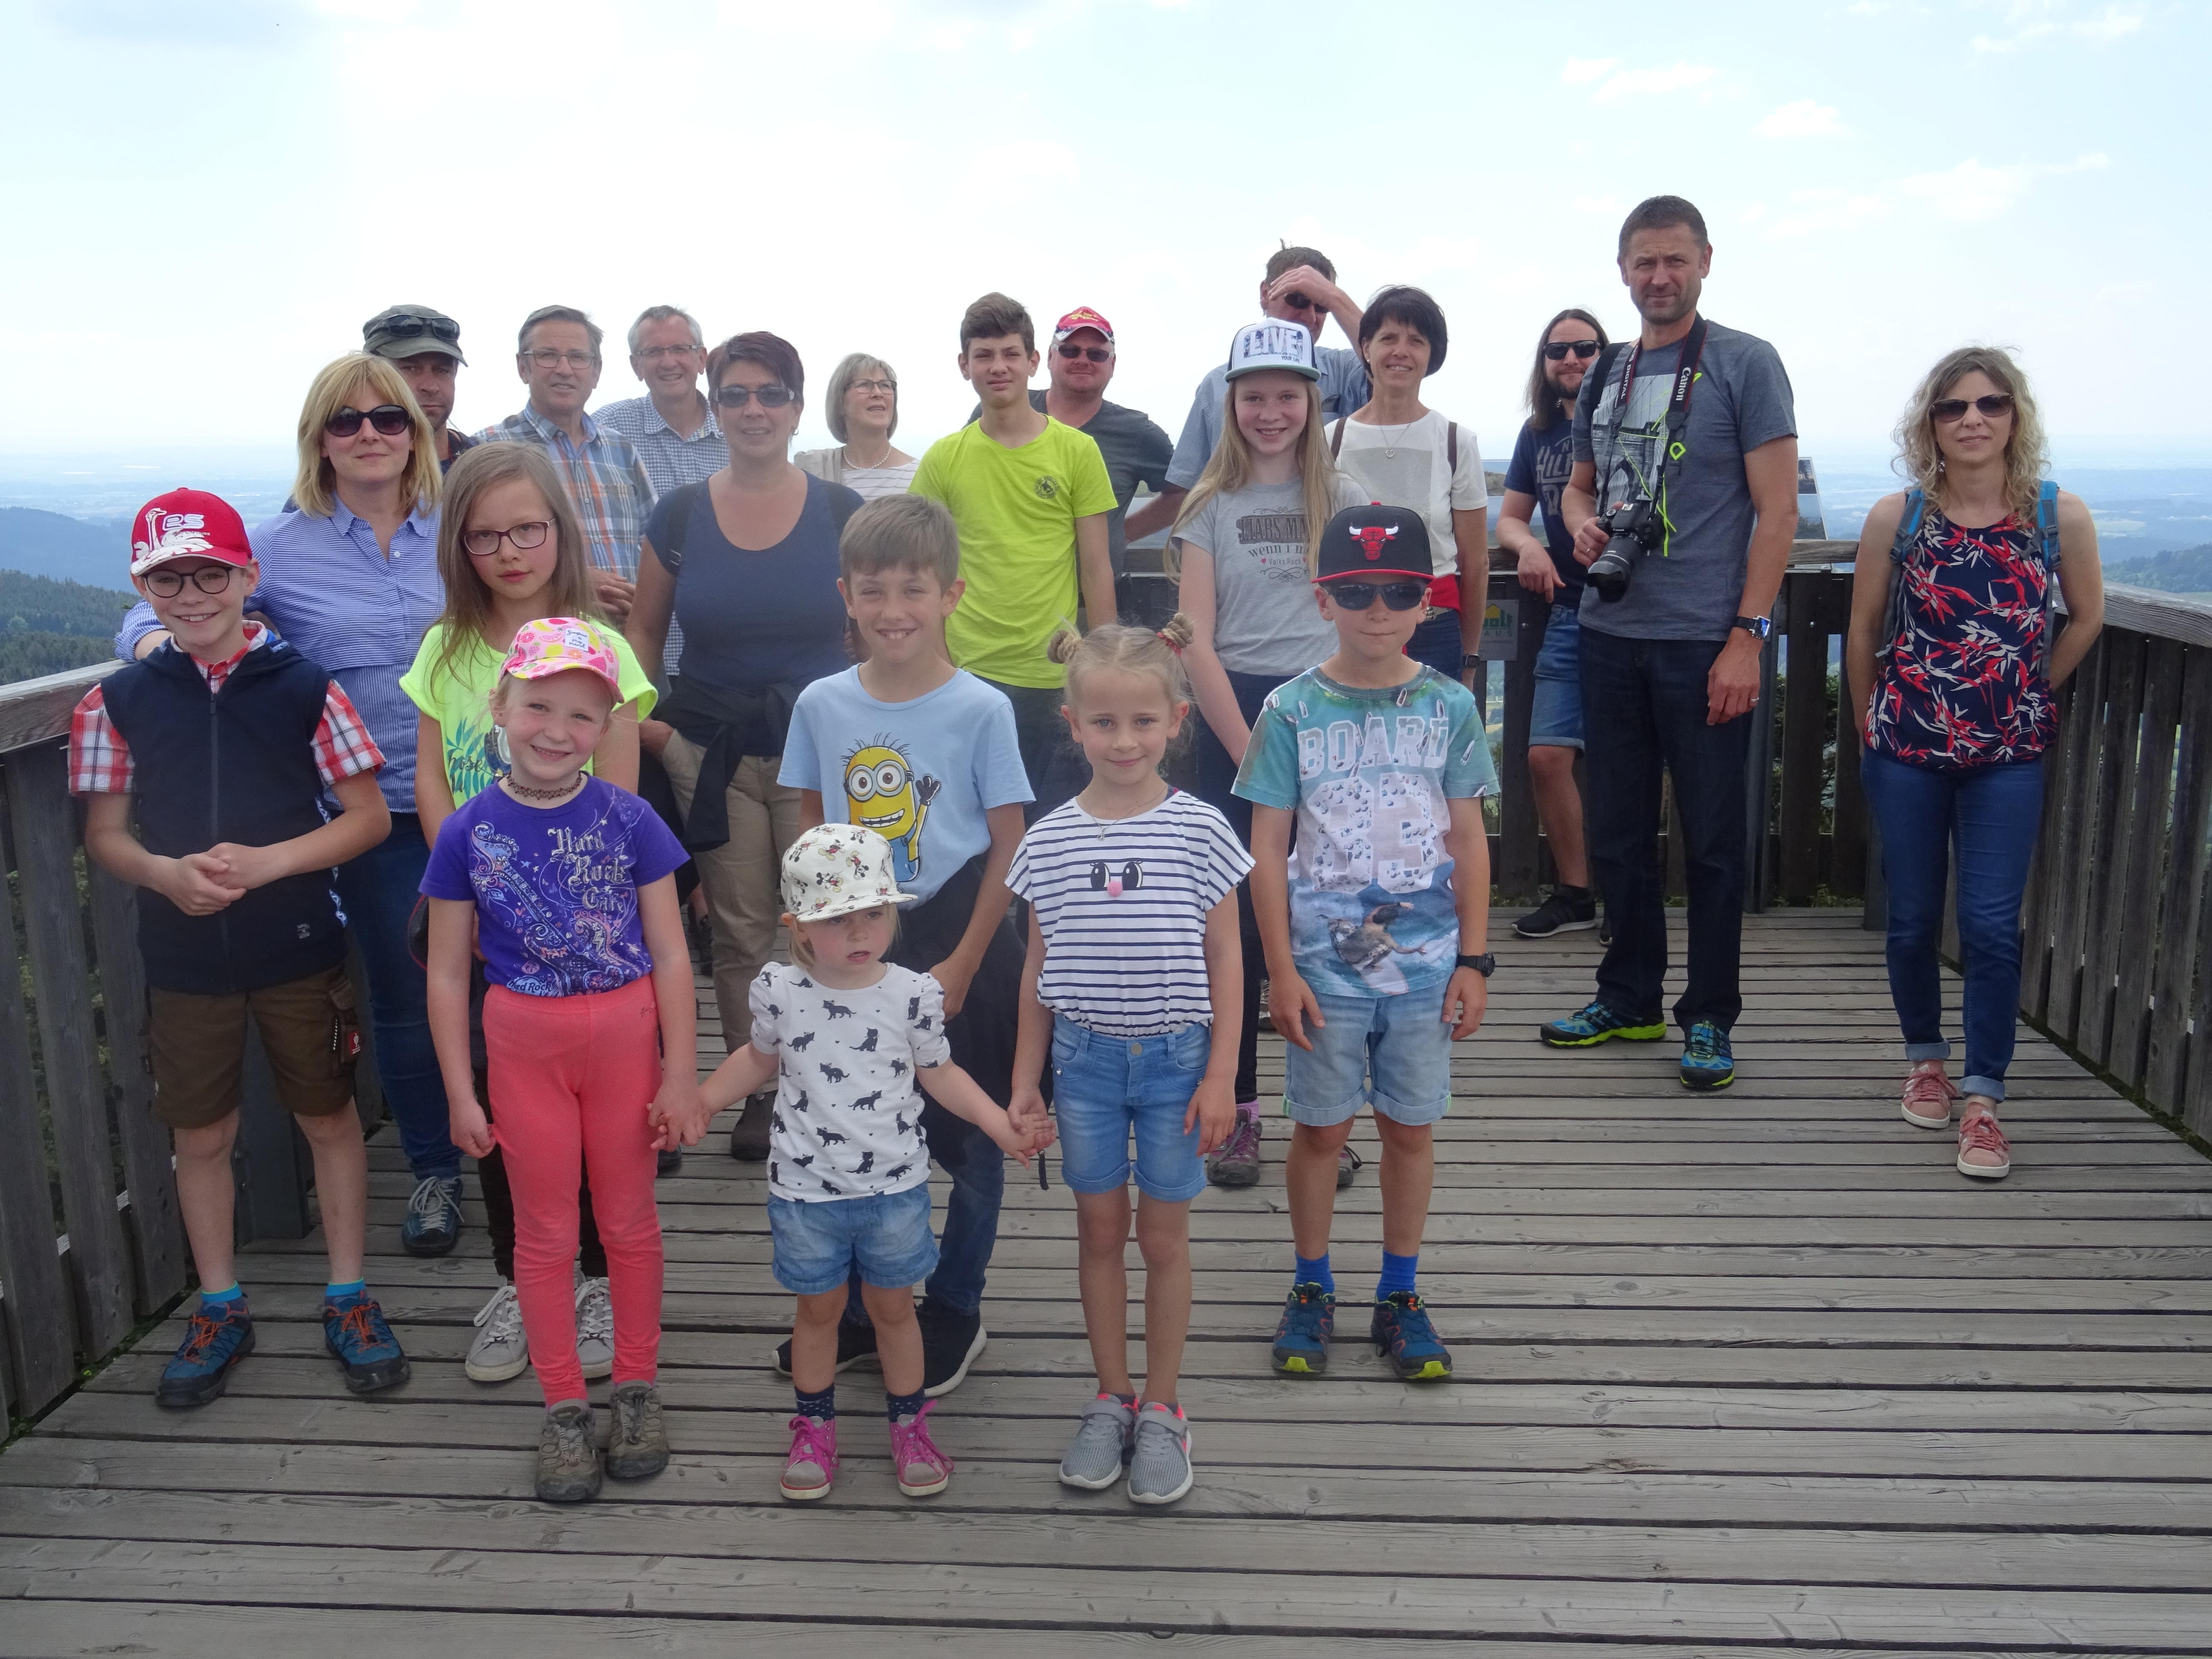 Waldwipfelweg Muttertagsausflug St. Englmar mit Kindern und Jugendlichen des Nordic Team Klingenbrunns. Foto: Nordic Team Klingenbrunn